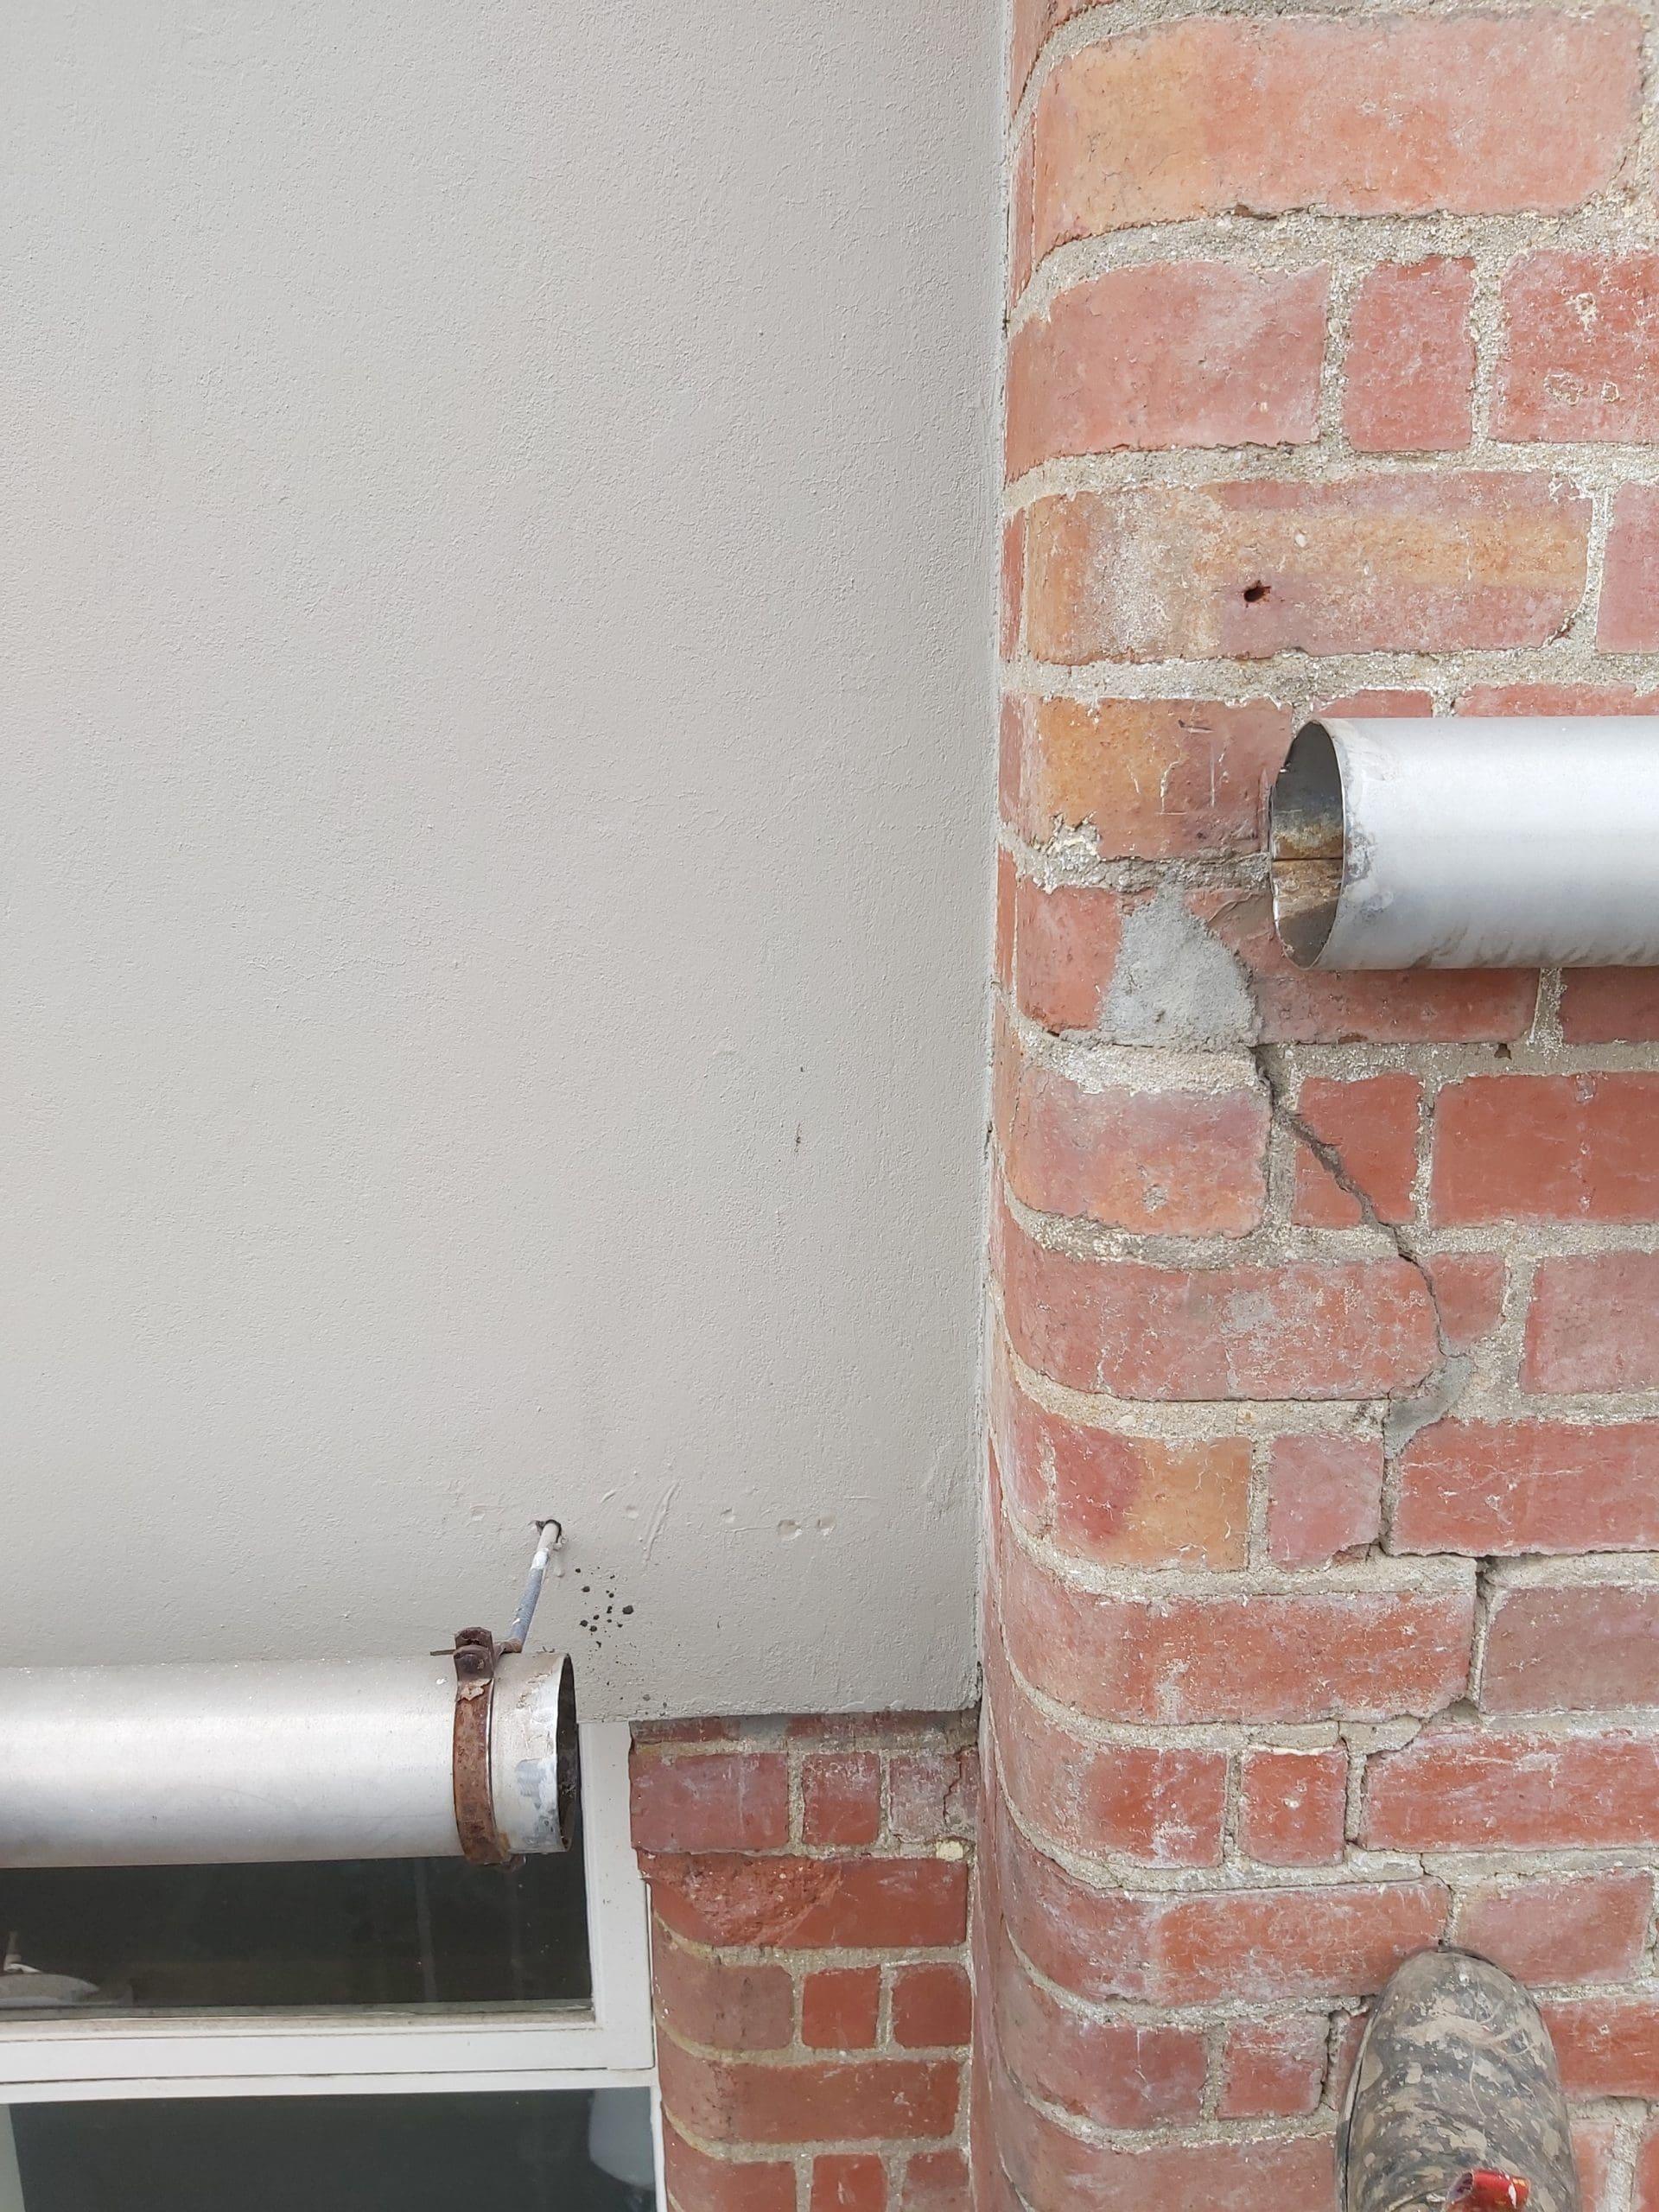 hillington place prahran building maintenance service